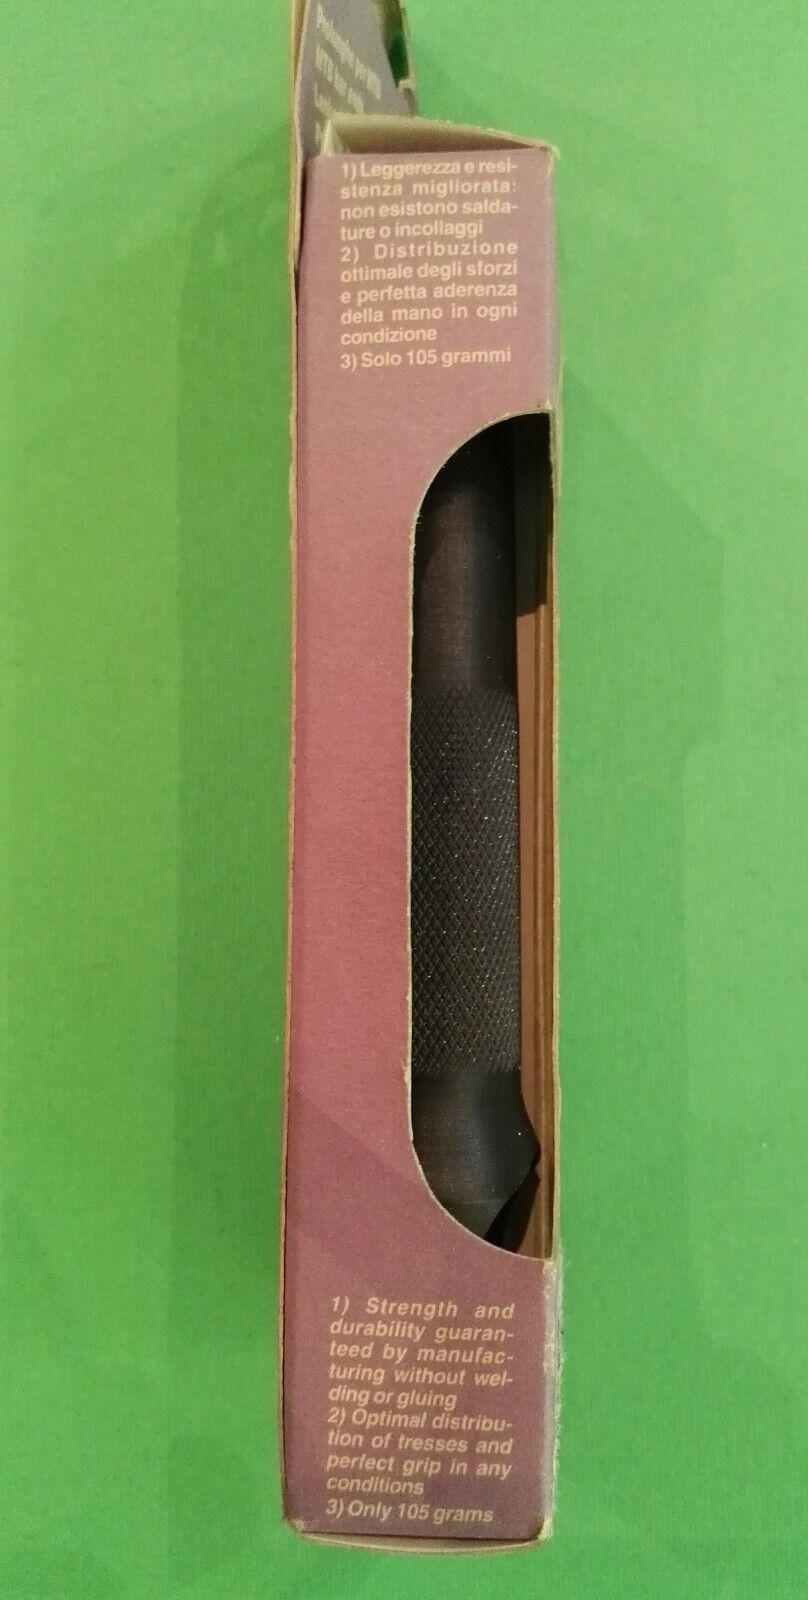 Cinelli prolunghe manubrio MTB handlebar bar extensions Vintage Vintage Vintage Rare old stock 5465c3